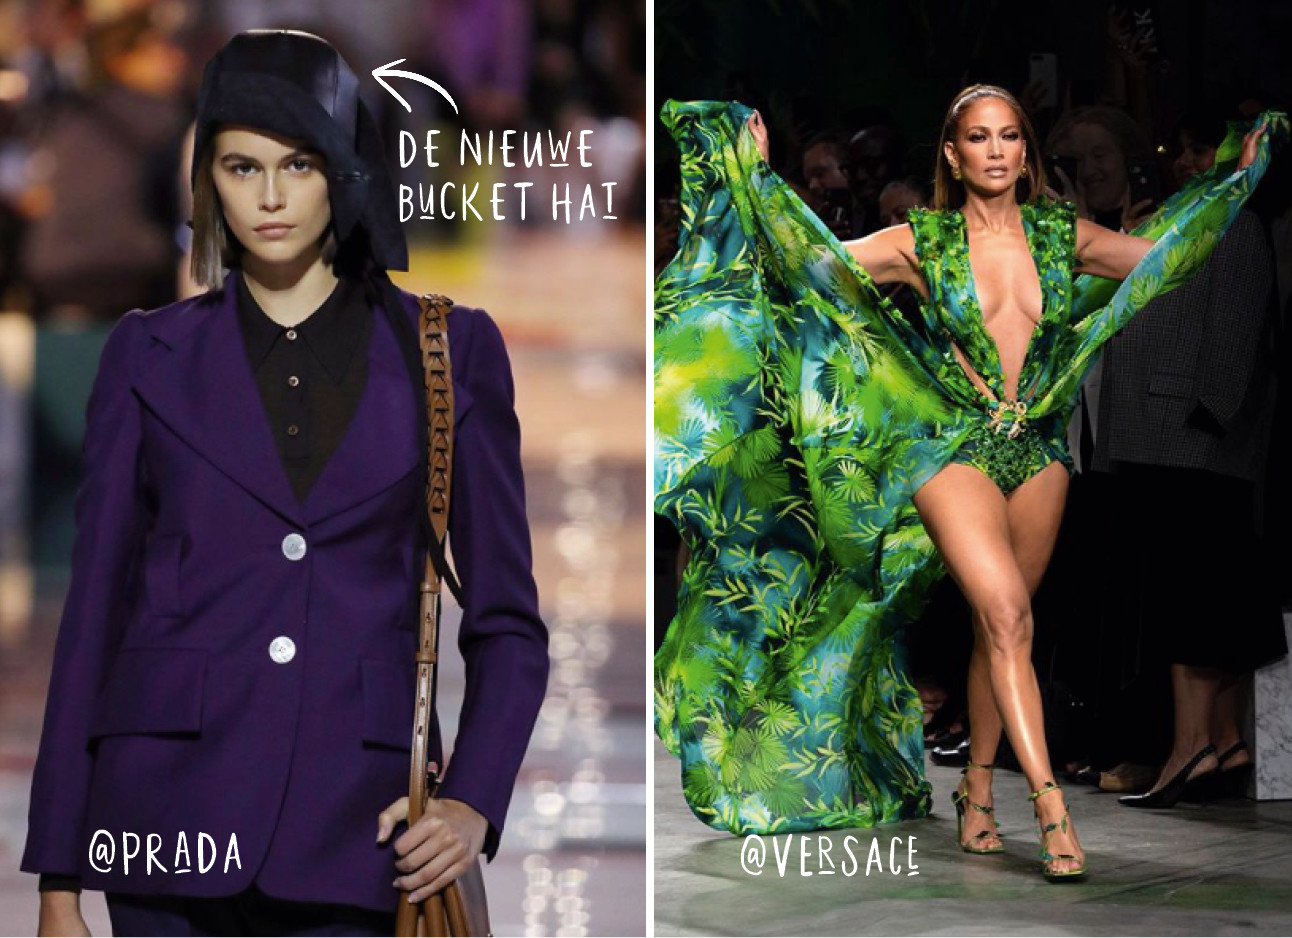 jlo en een model van de prada mode show